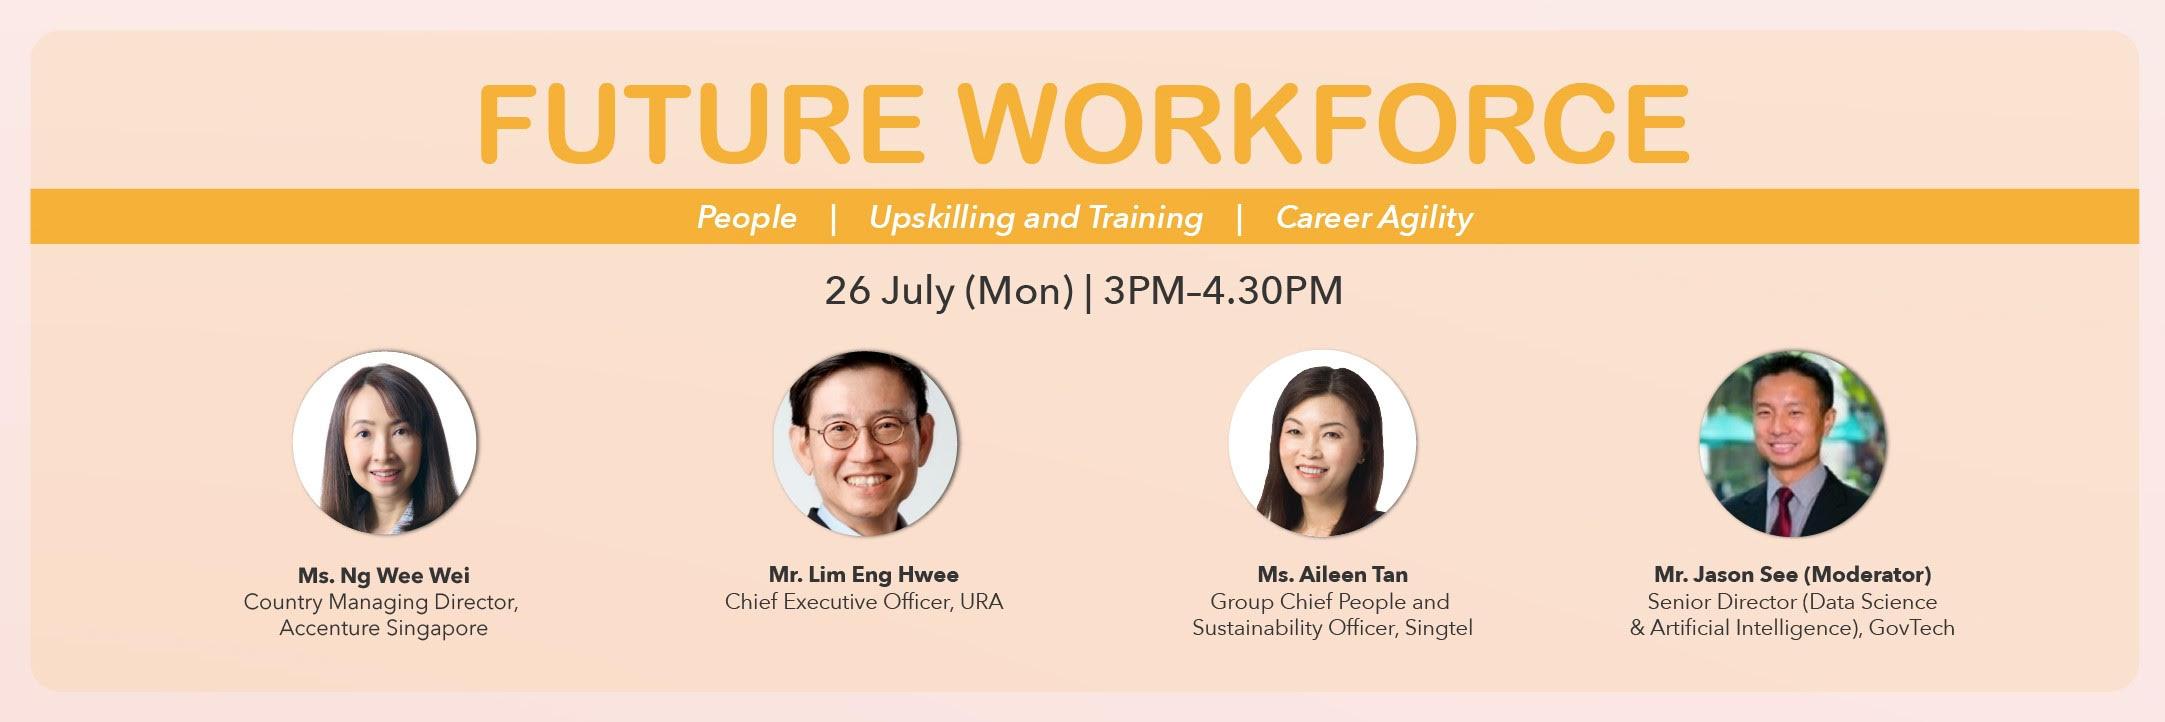 Future Workforce